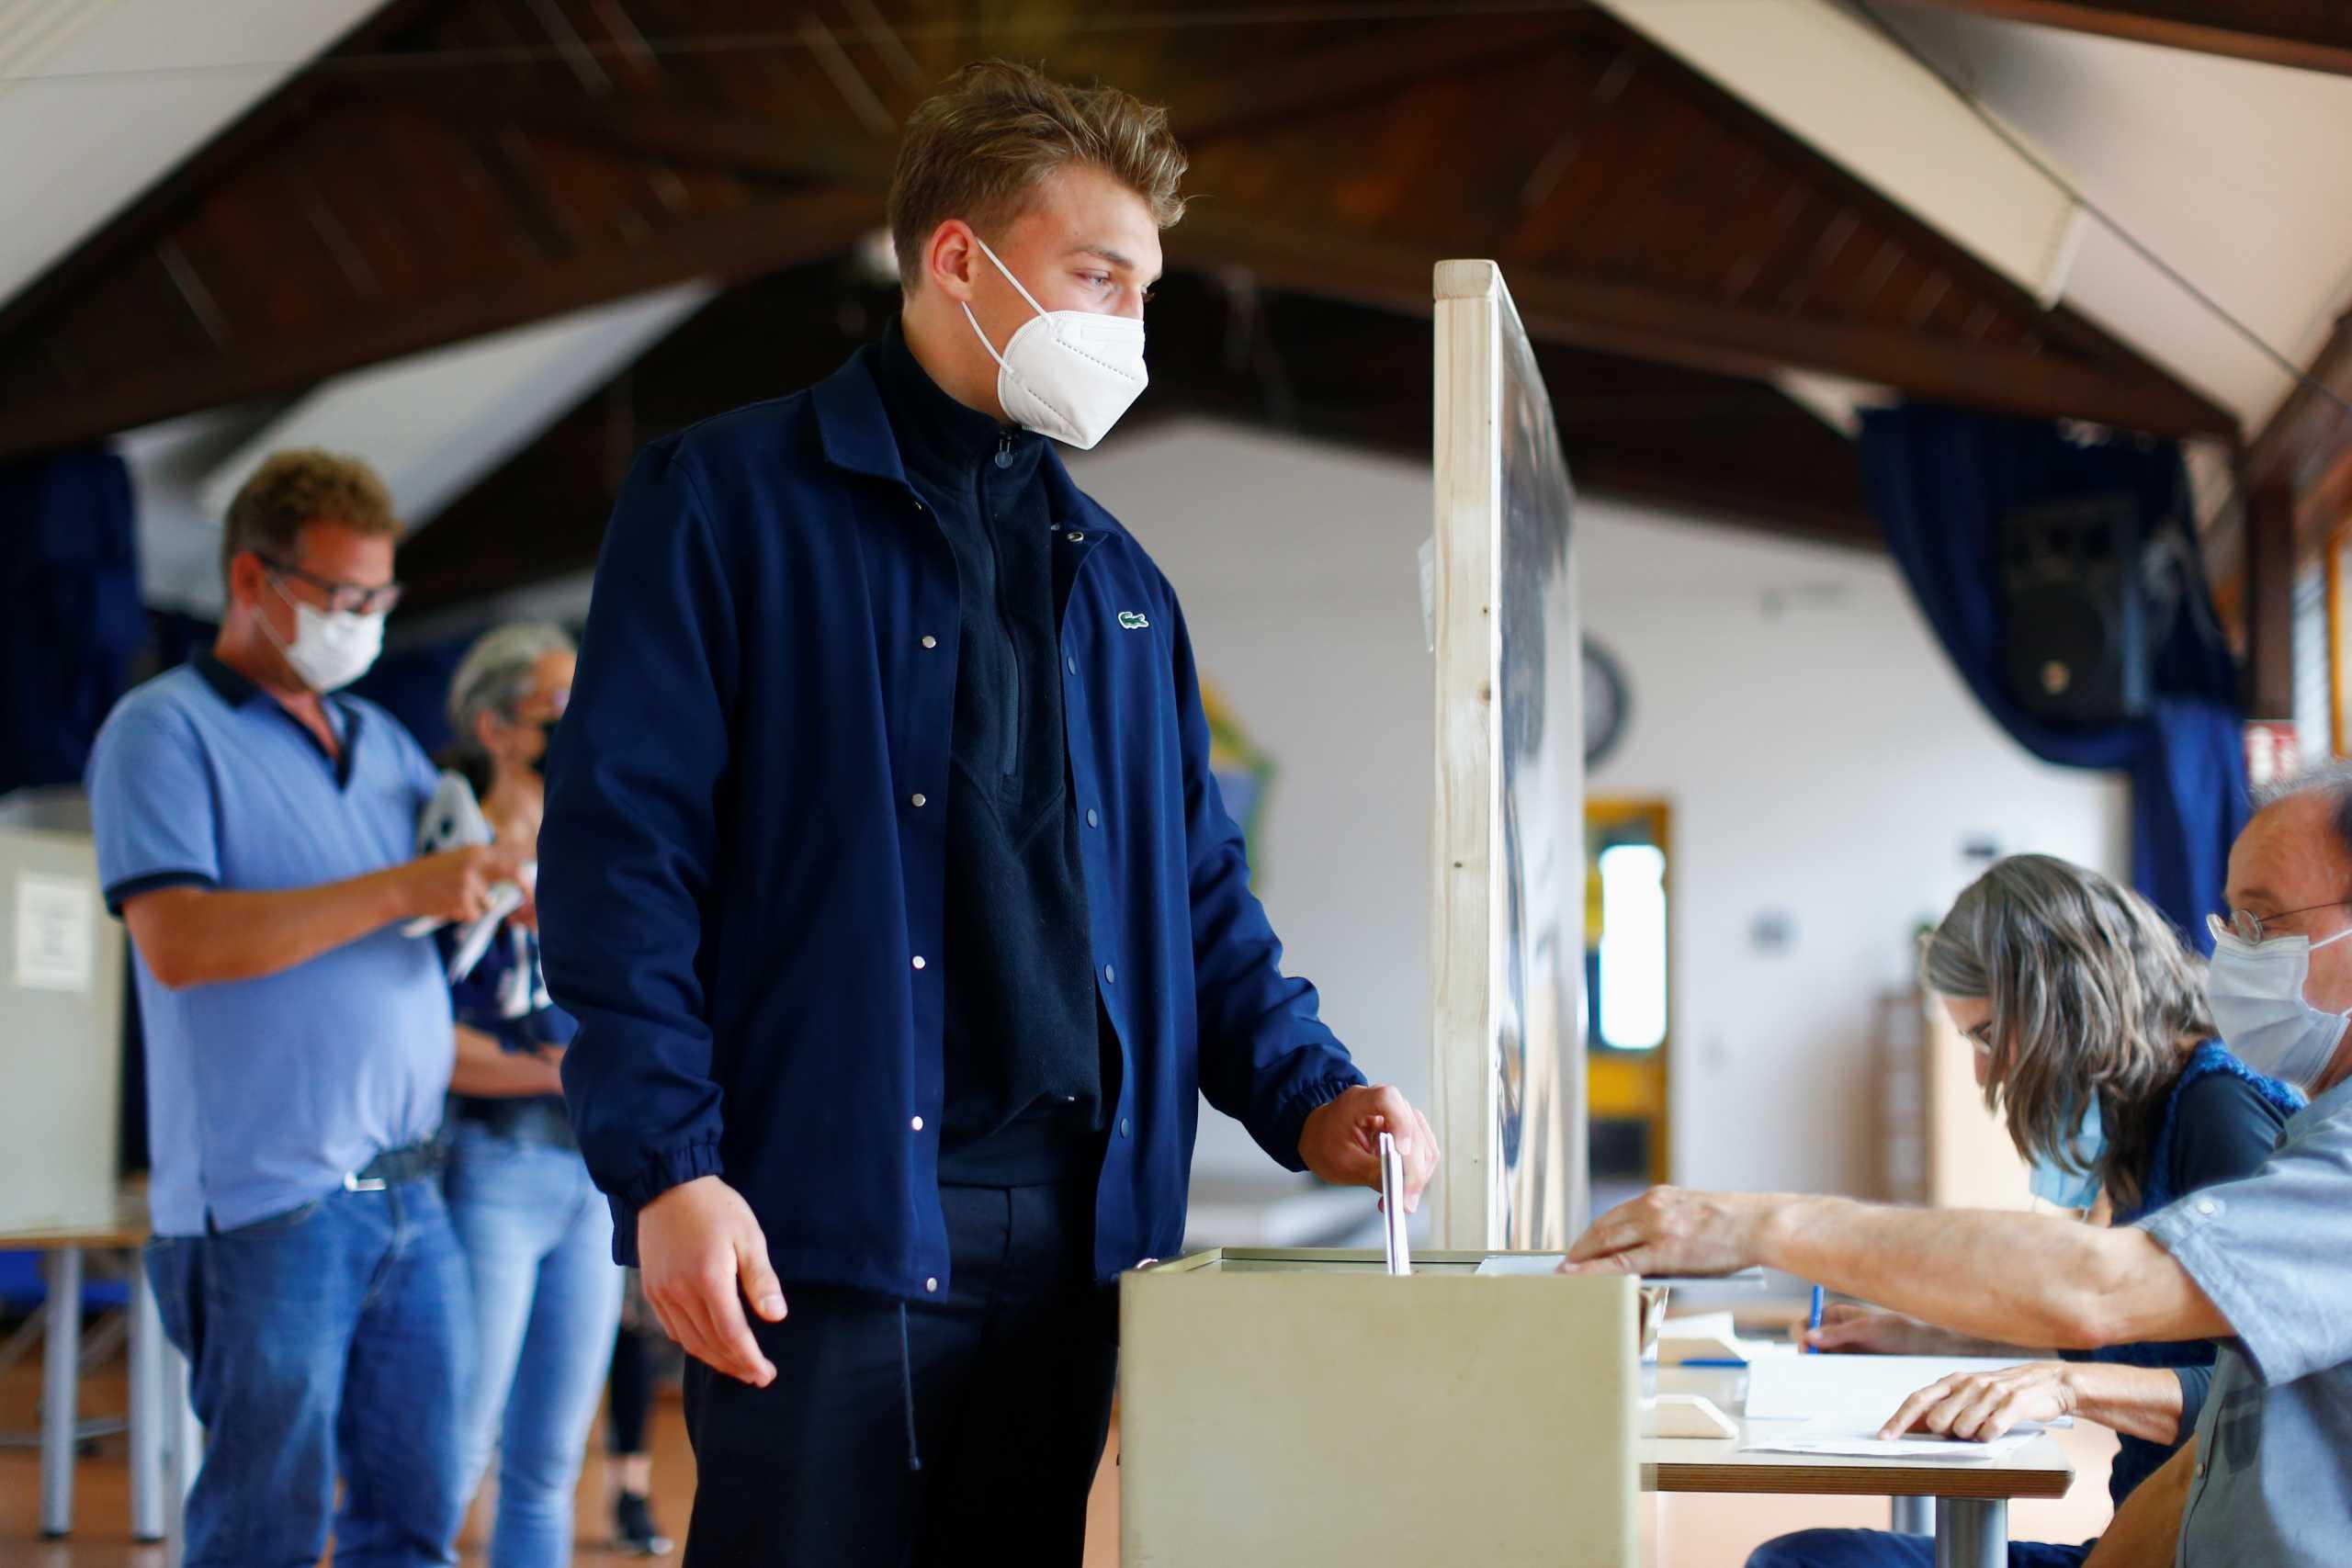 Εκλογές στη Γερμανία: Μεγαλύτερη από το 2017 η προσέλευση των ψηφοφόρων στις κάλπες